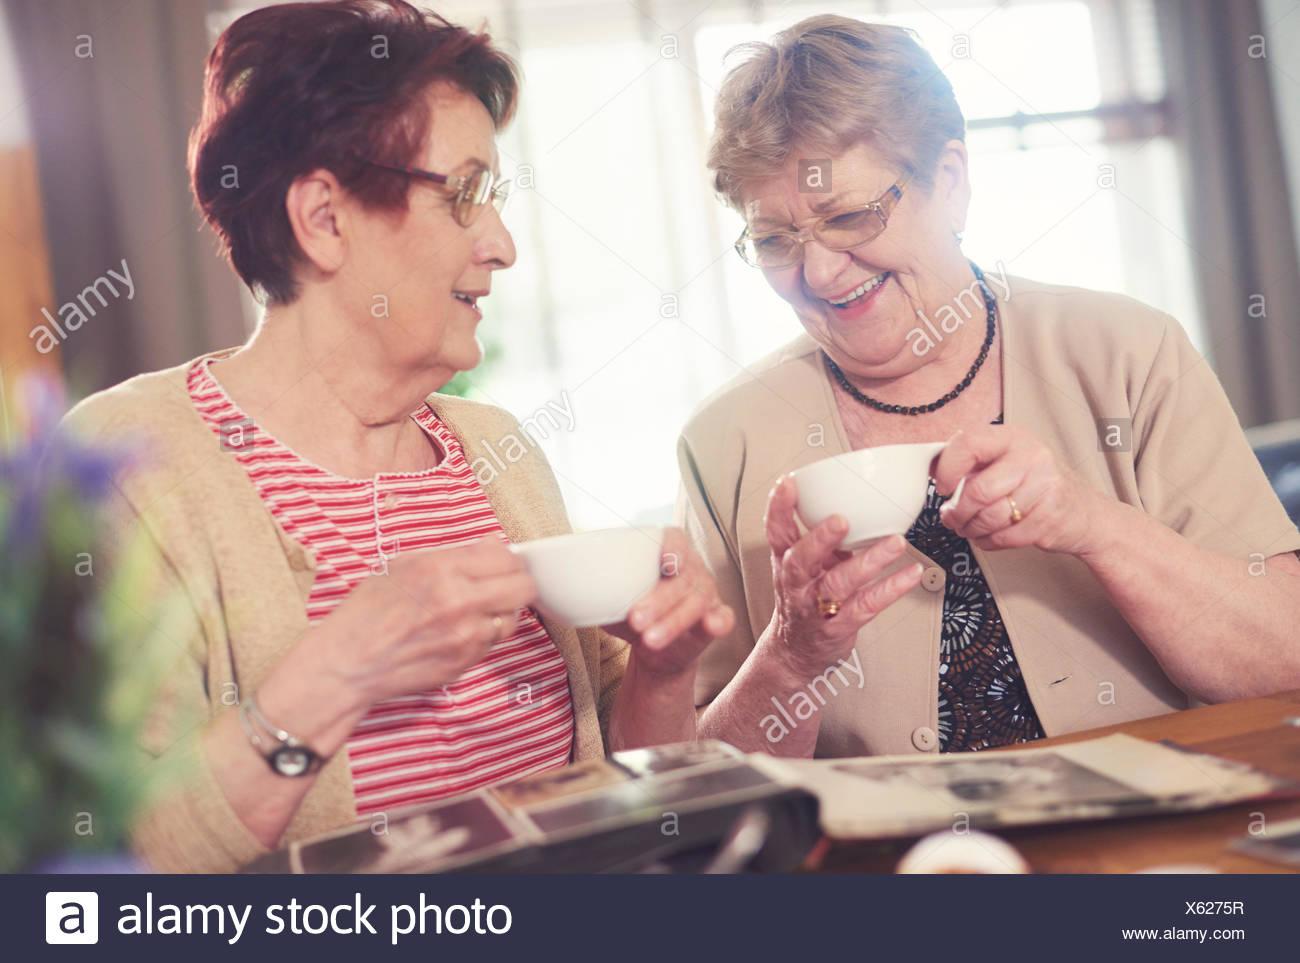 Zwei alte Frauen lachen beim betrachten Fotoalbum auf Tisch Stockbild